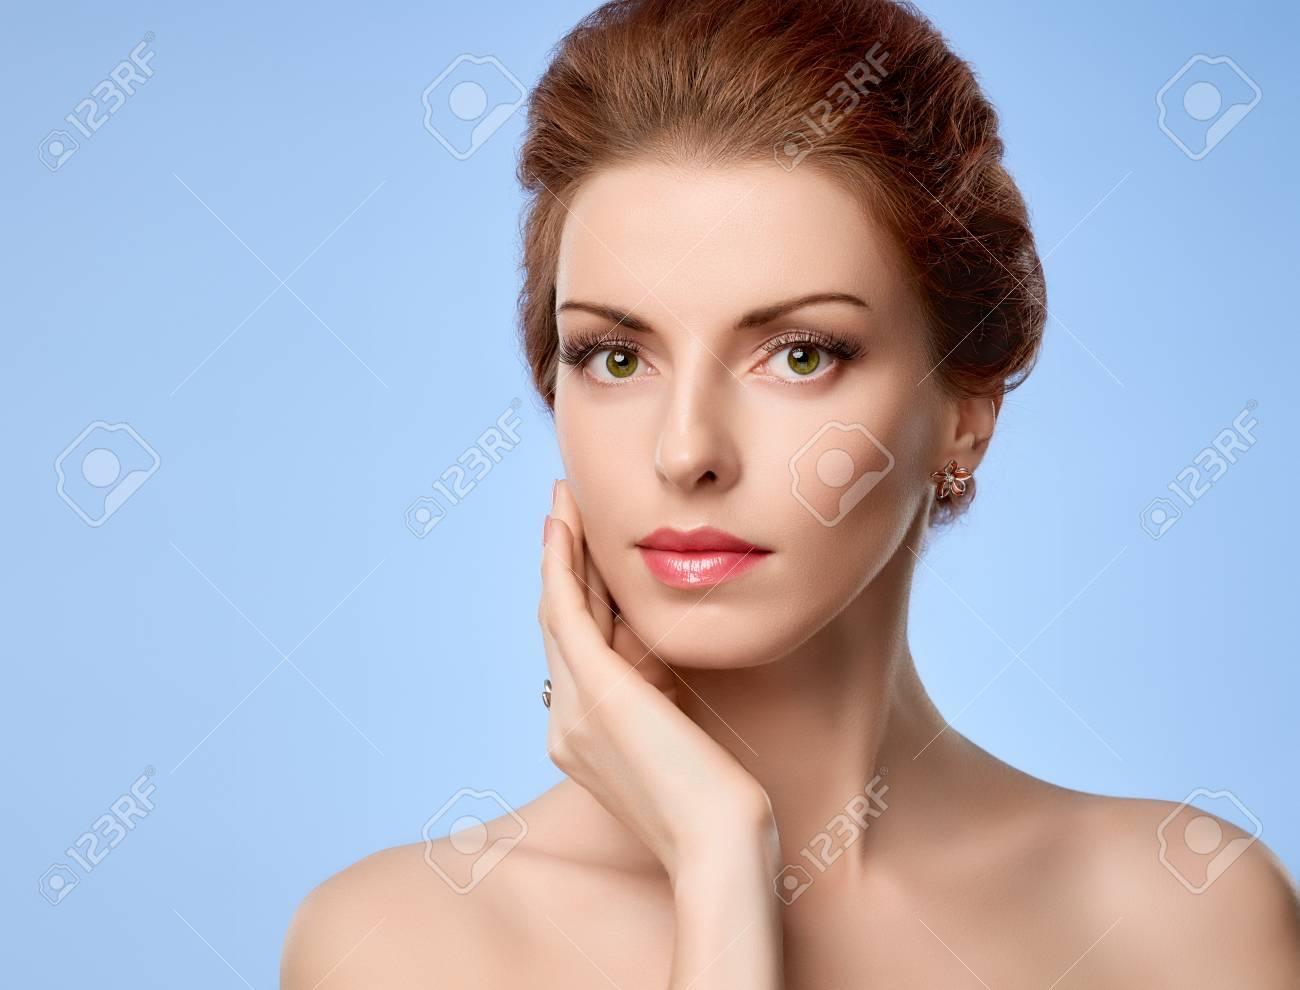 Retrato De La Belleza De La Mujer Desnuda Ojos Verdes Pestañas Piel Perfecta El Maquillaje Natural La Moda Sensual Atractiva Bonita Pelirroja